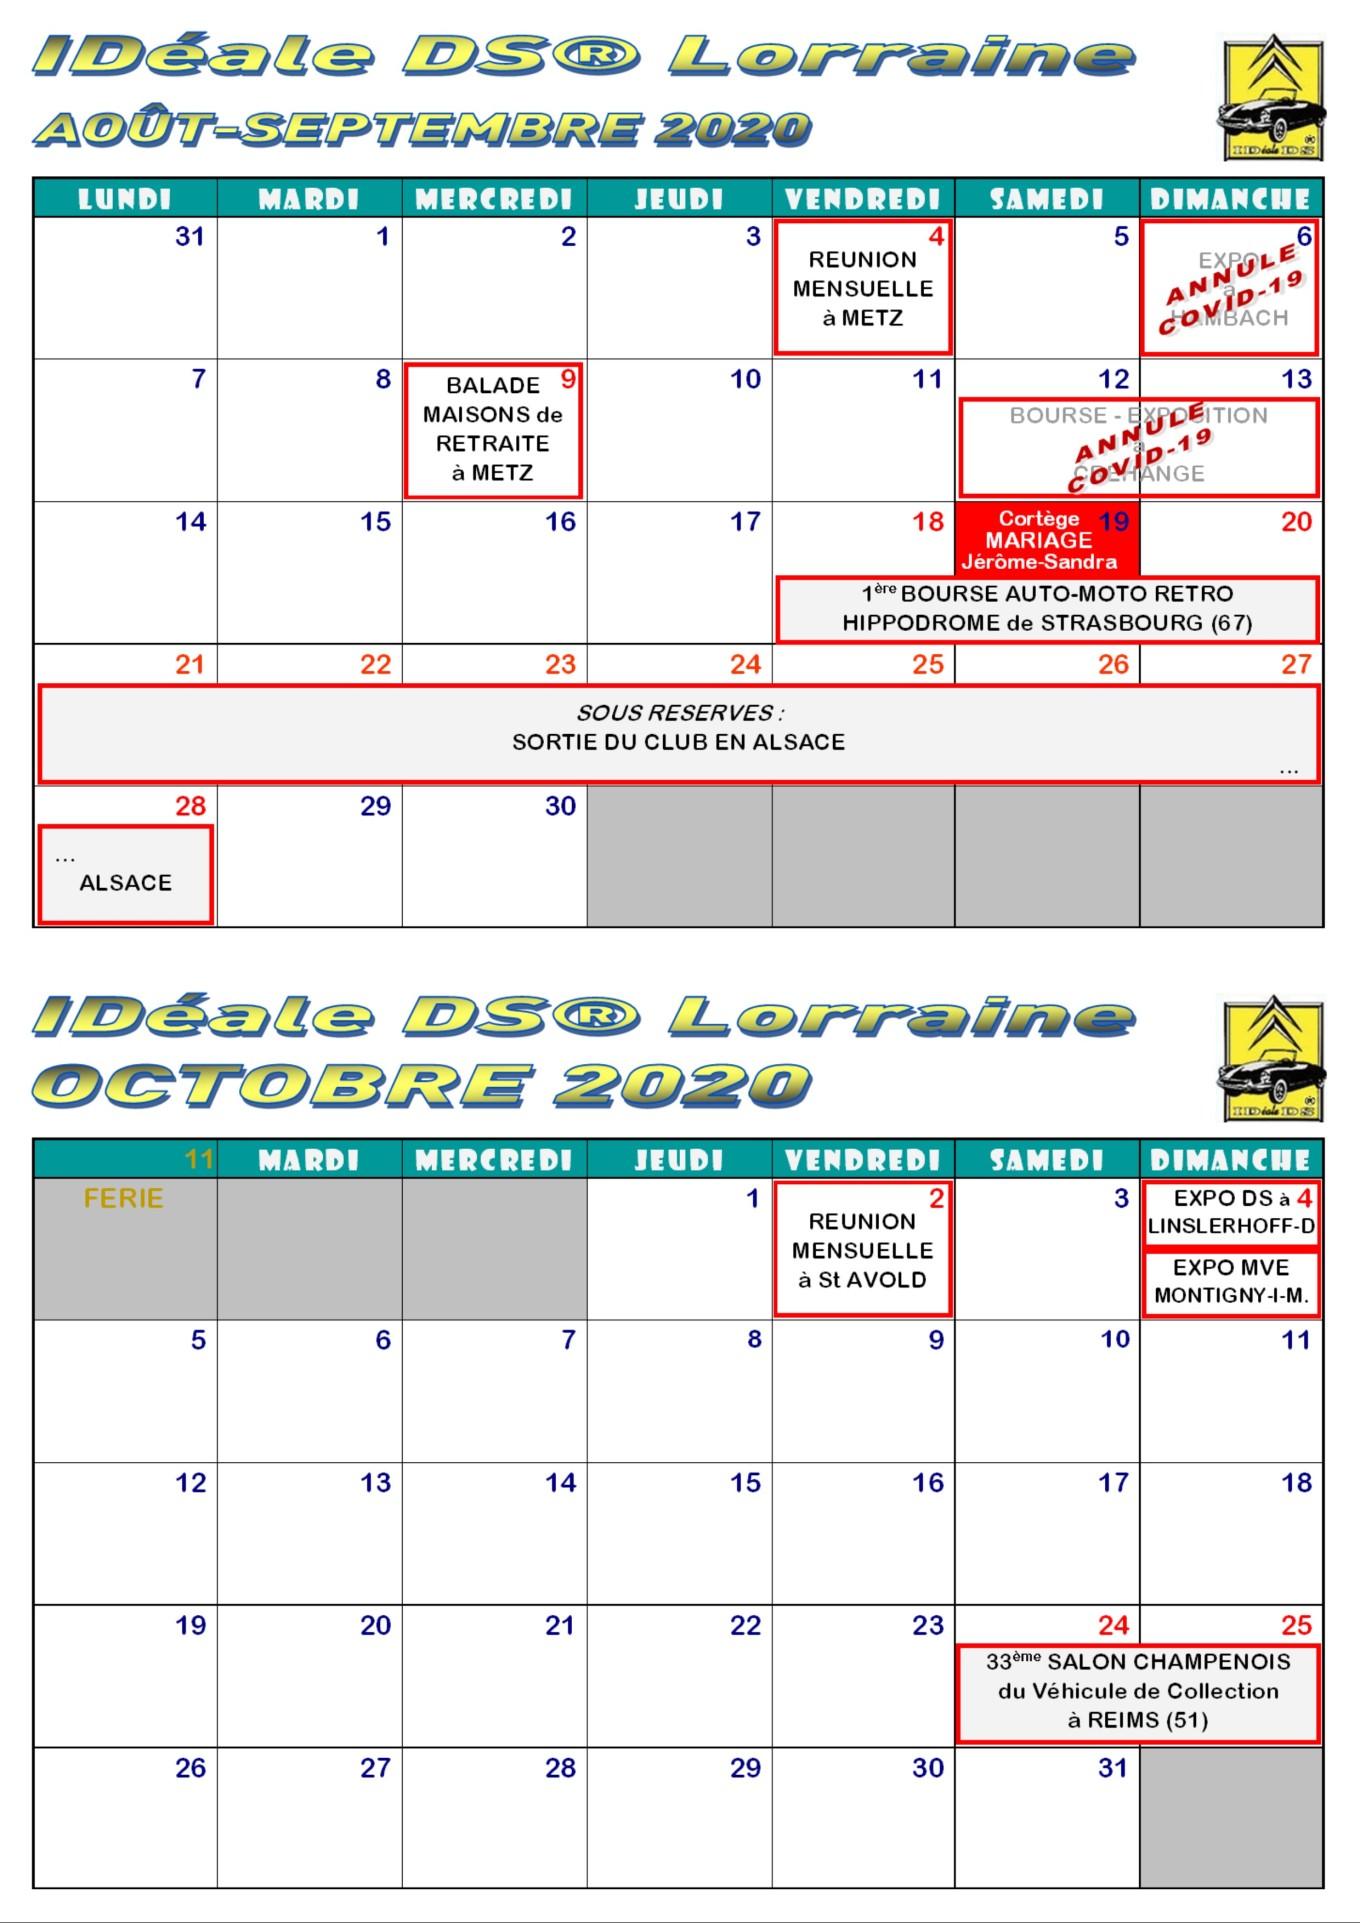 Agenda20_09-10-4